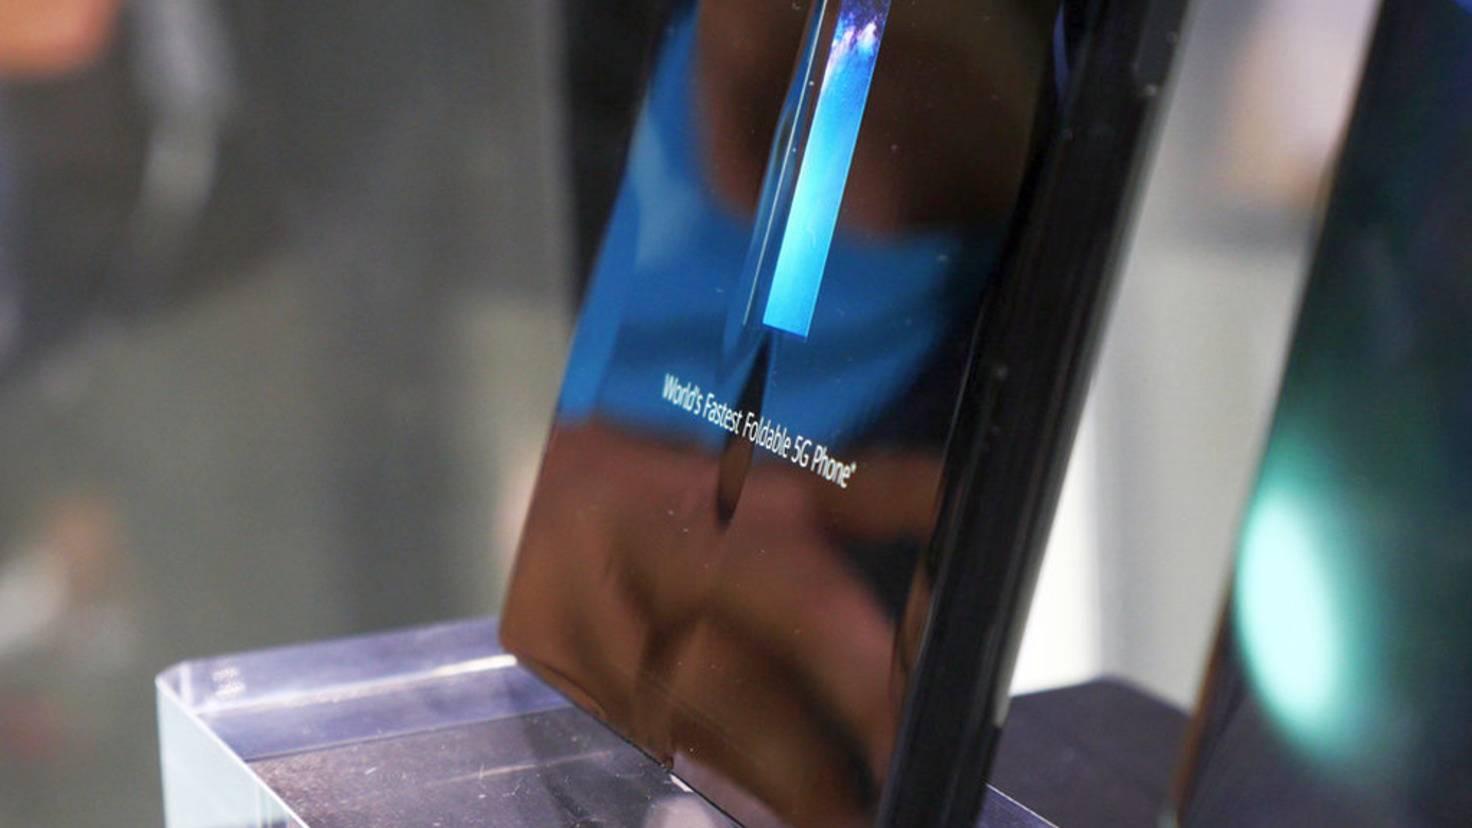 Huawei-Mate-X-Knitterfalte-PhoneArena